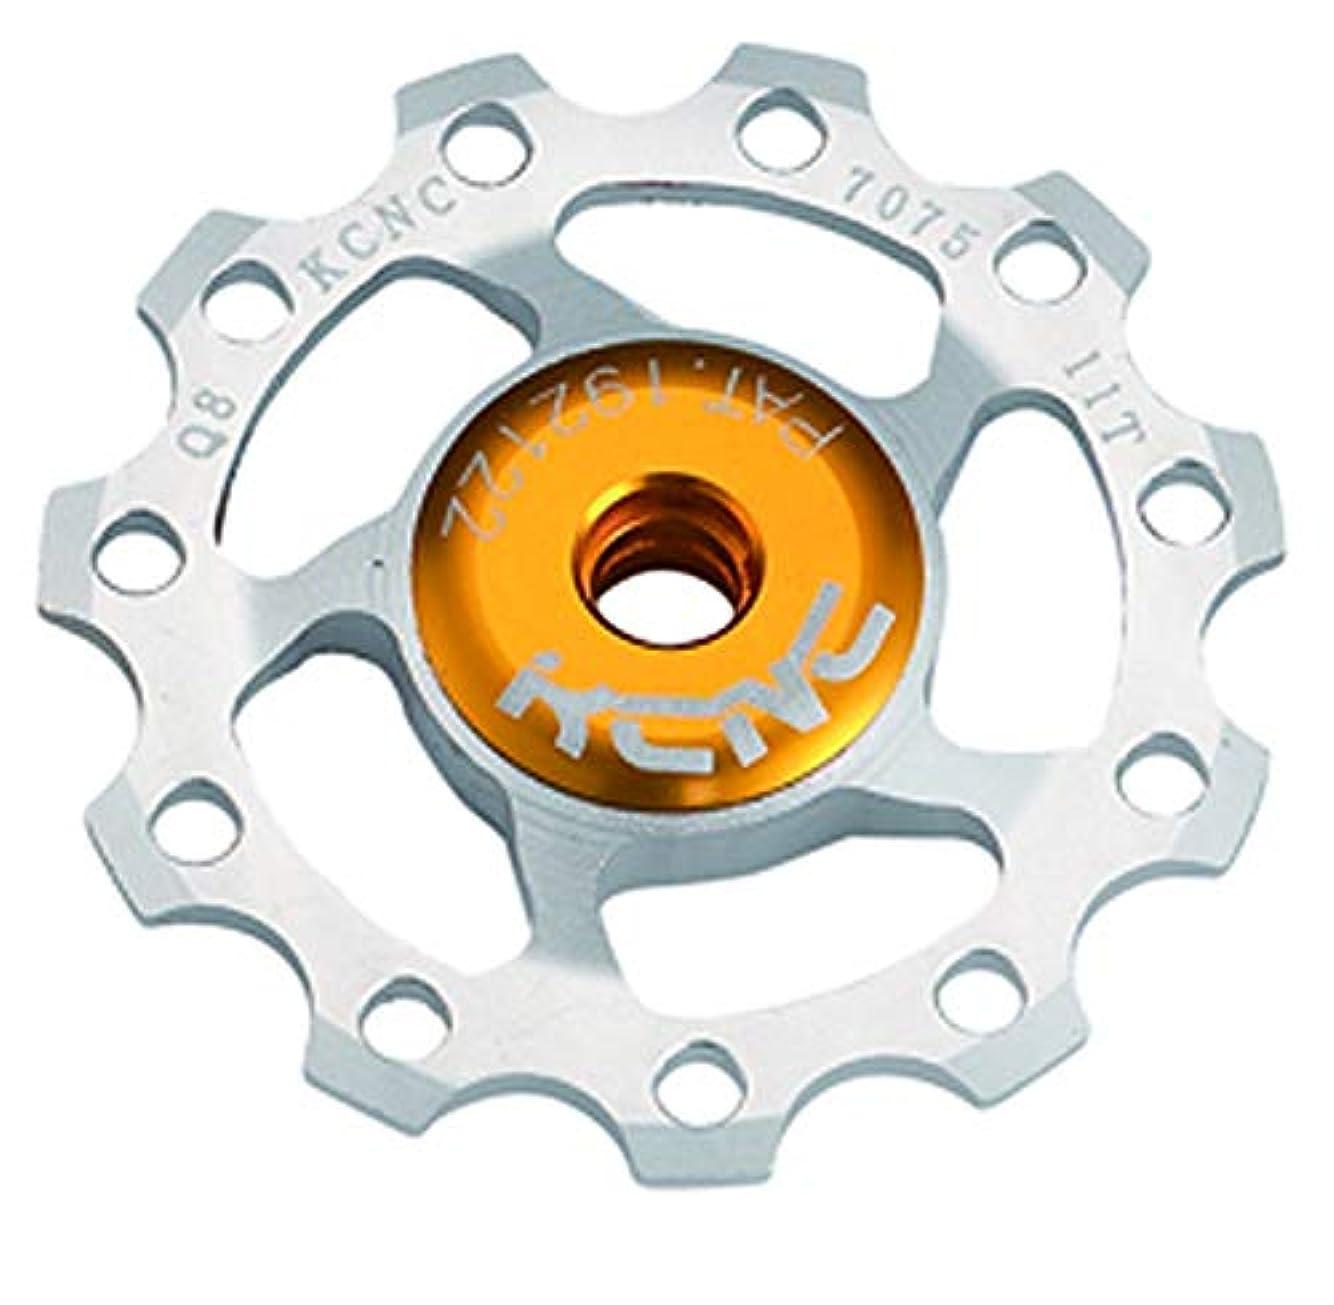 回るテープジェットKCNC 自転車 軽量 ベアリング内蔵 ディレーラーパーツ ジョッキーホイール 15T プーリー 11S/10S/9S シルバー 304404